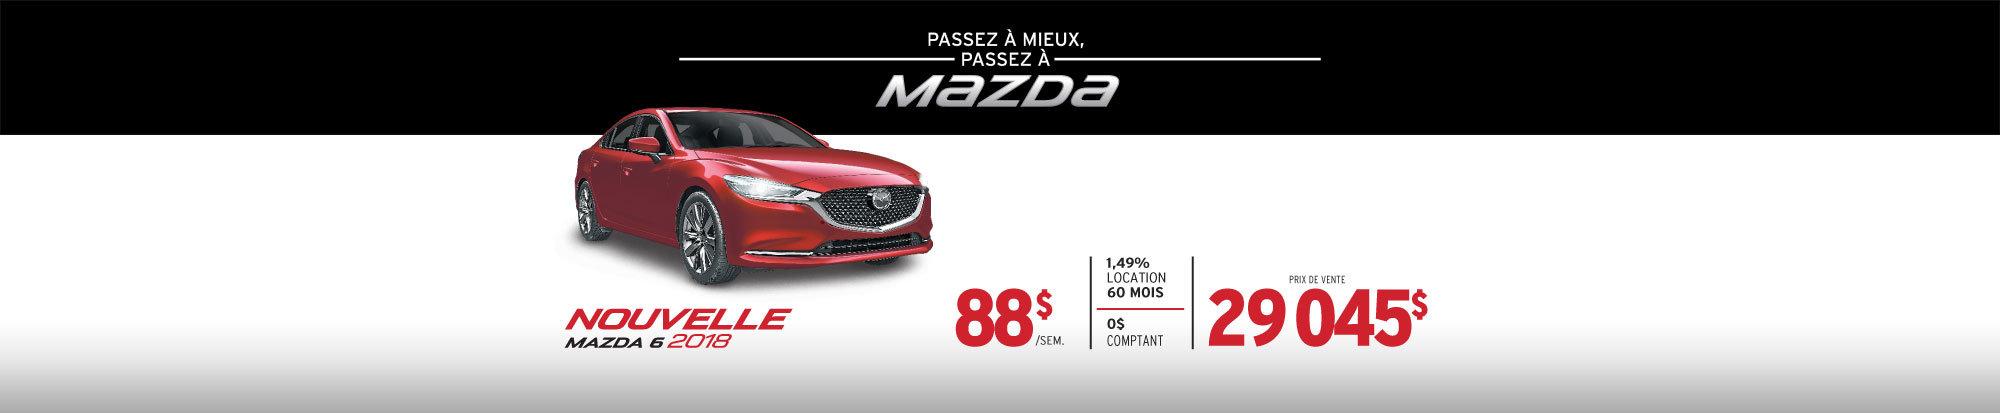 PASSEZ À MIEUX – PASSEZ AU GROUPE BEAUCAGE MAZDA avec la Mazda6 2018 web